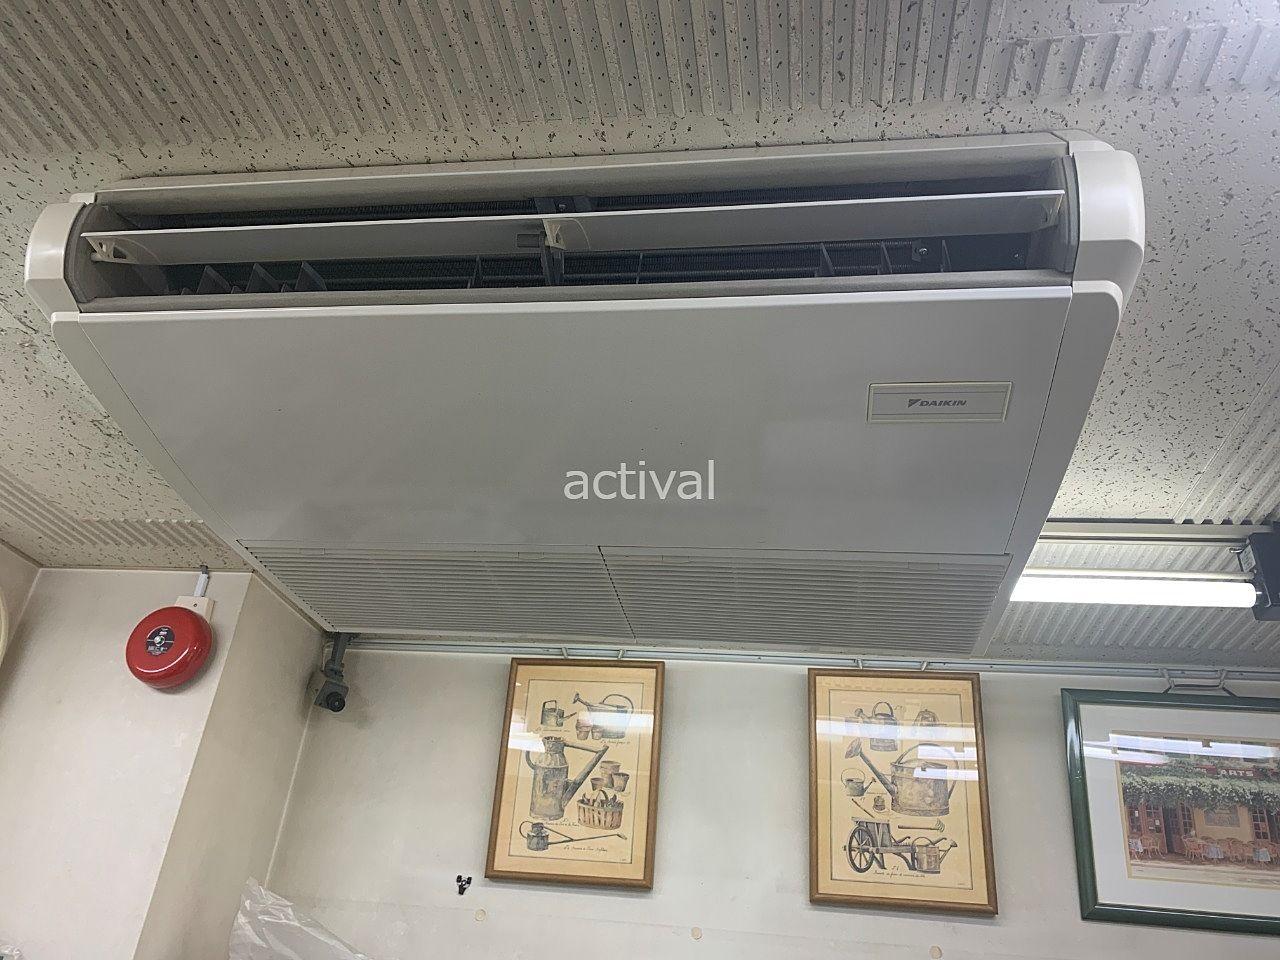 ア・ス・ヴェルデⅡにある管理事務所のエアコンフィルター清掃をしました!